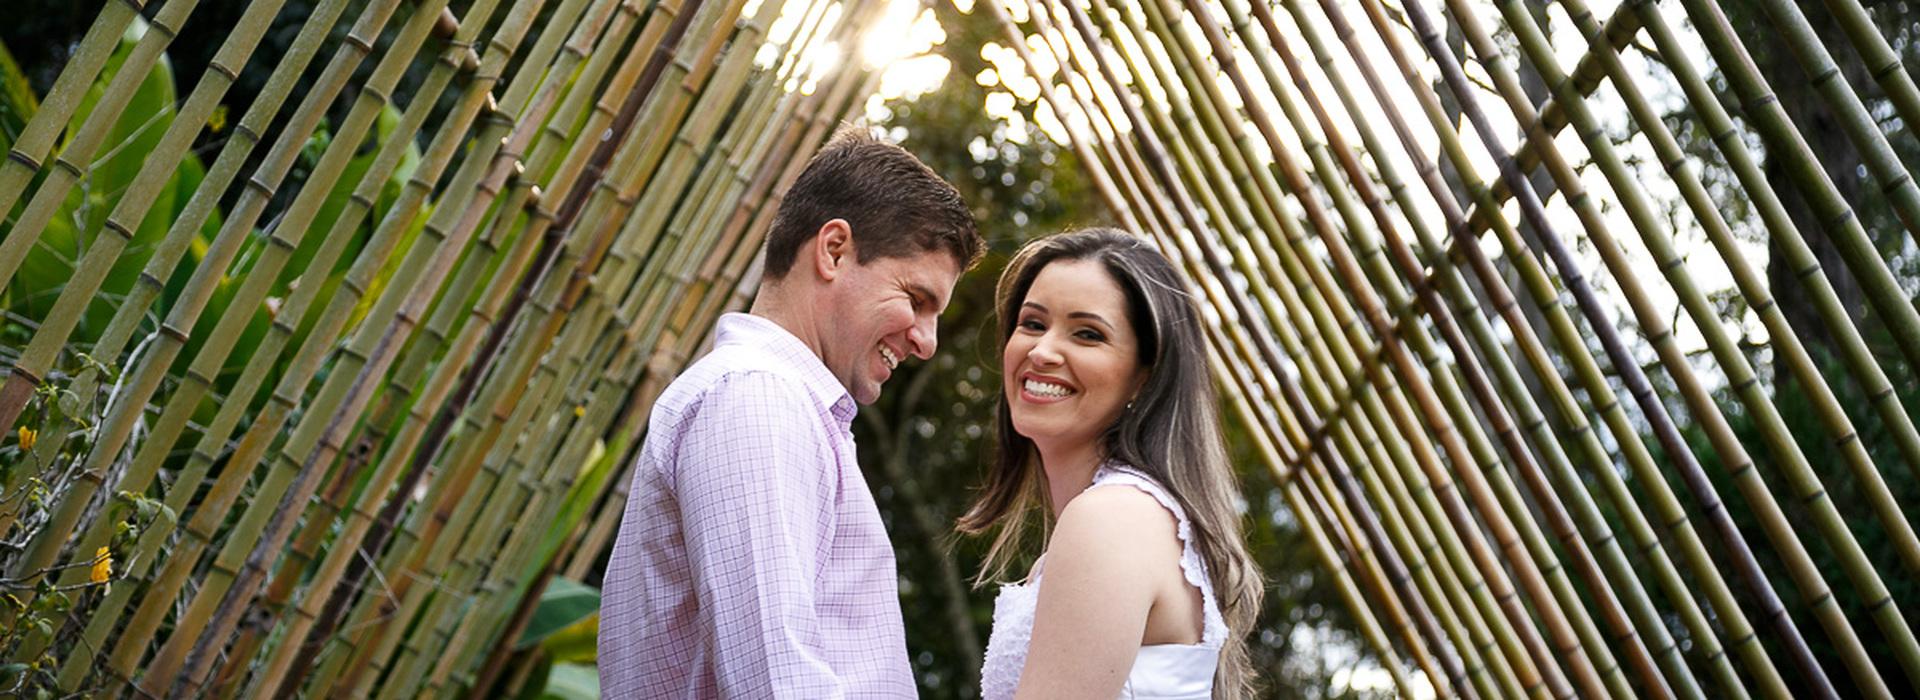 Casamentos de Jéssica e Luiz Henrique em Taubaté-SP